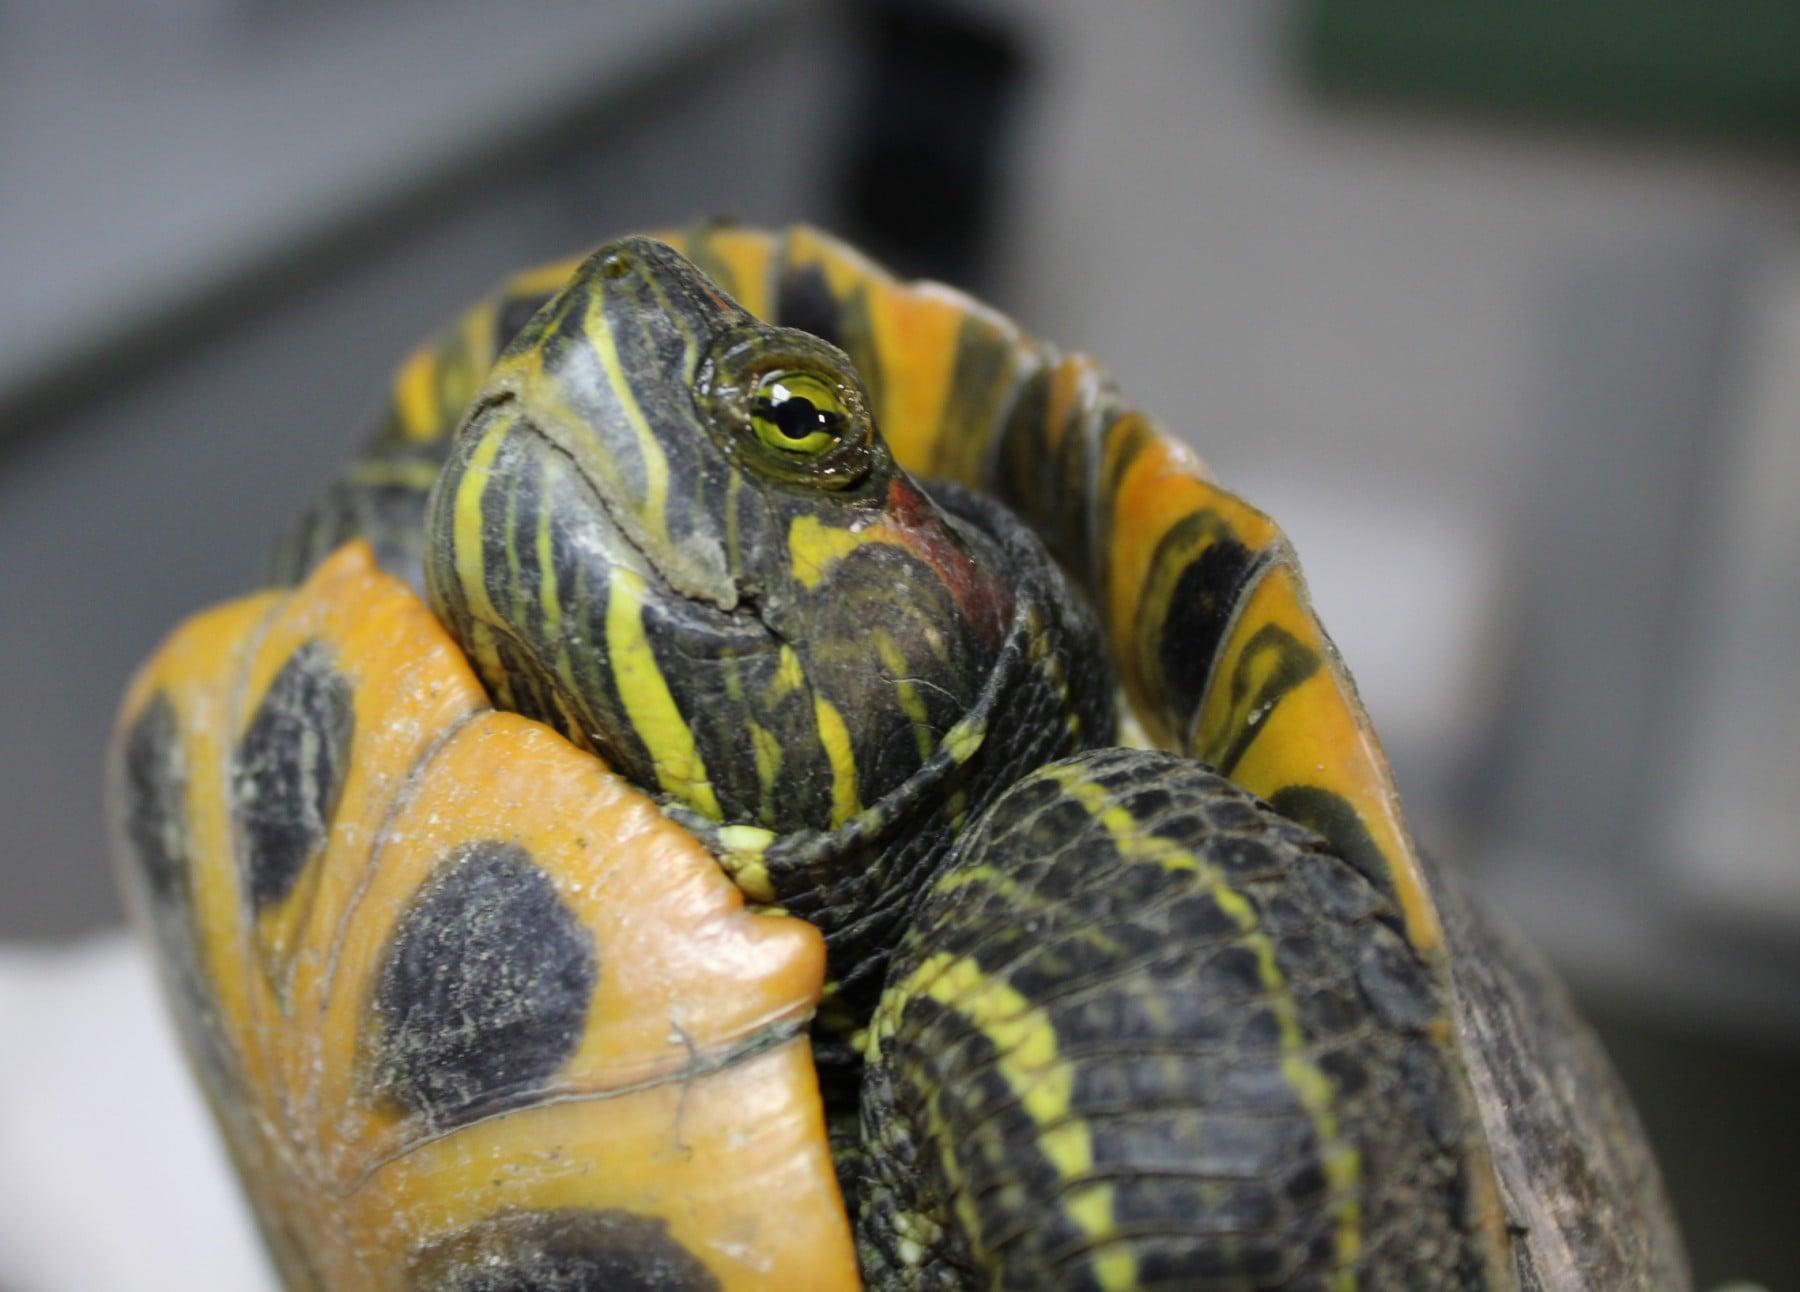 Зоозащитники в Киеве спасли 40 черепах, которые вмерзли в лед. Их выпиливали болгаркой